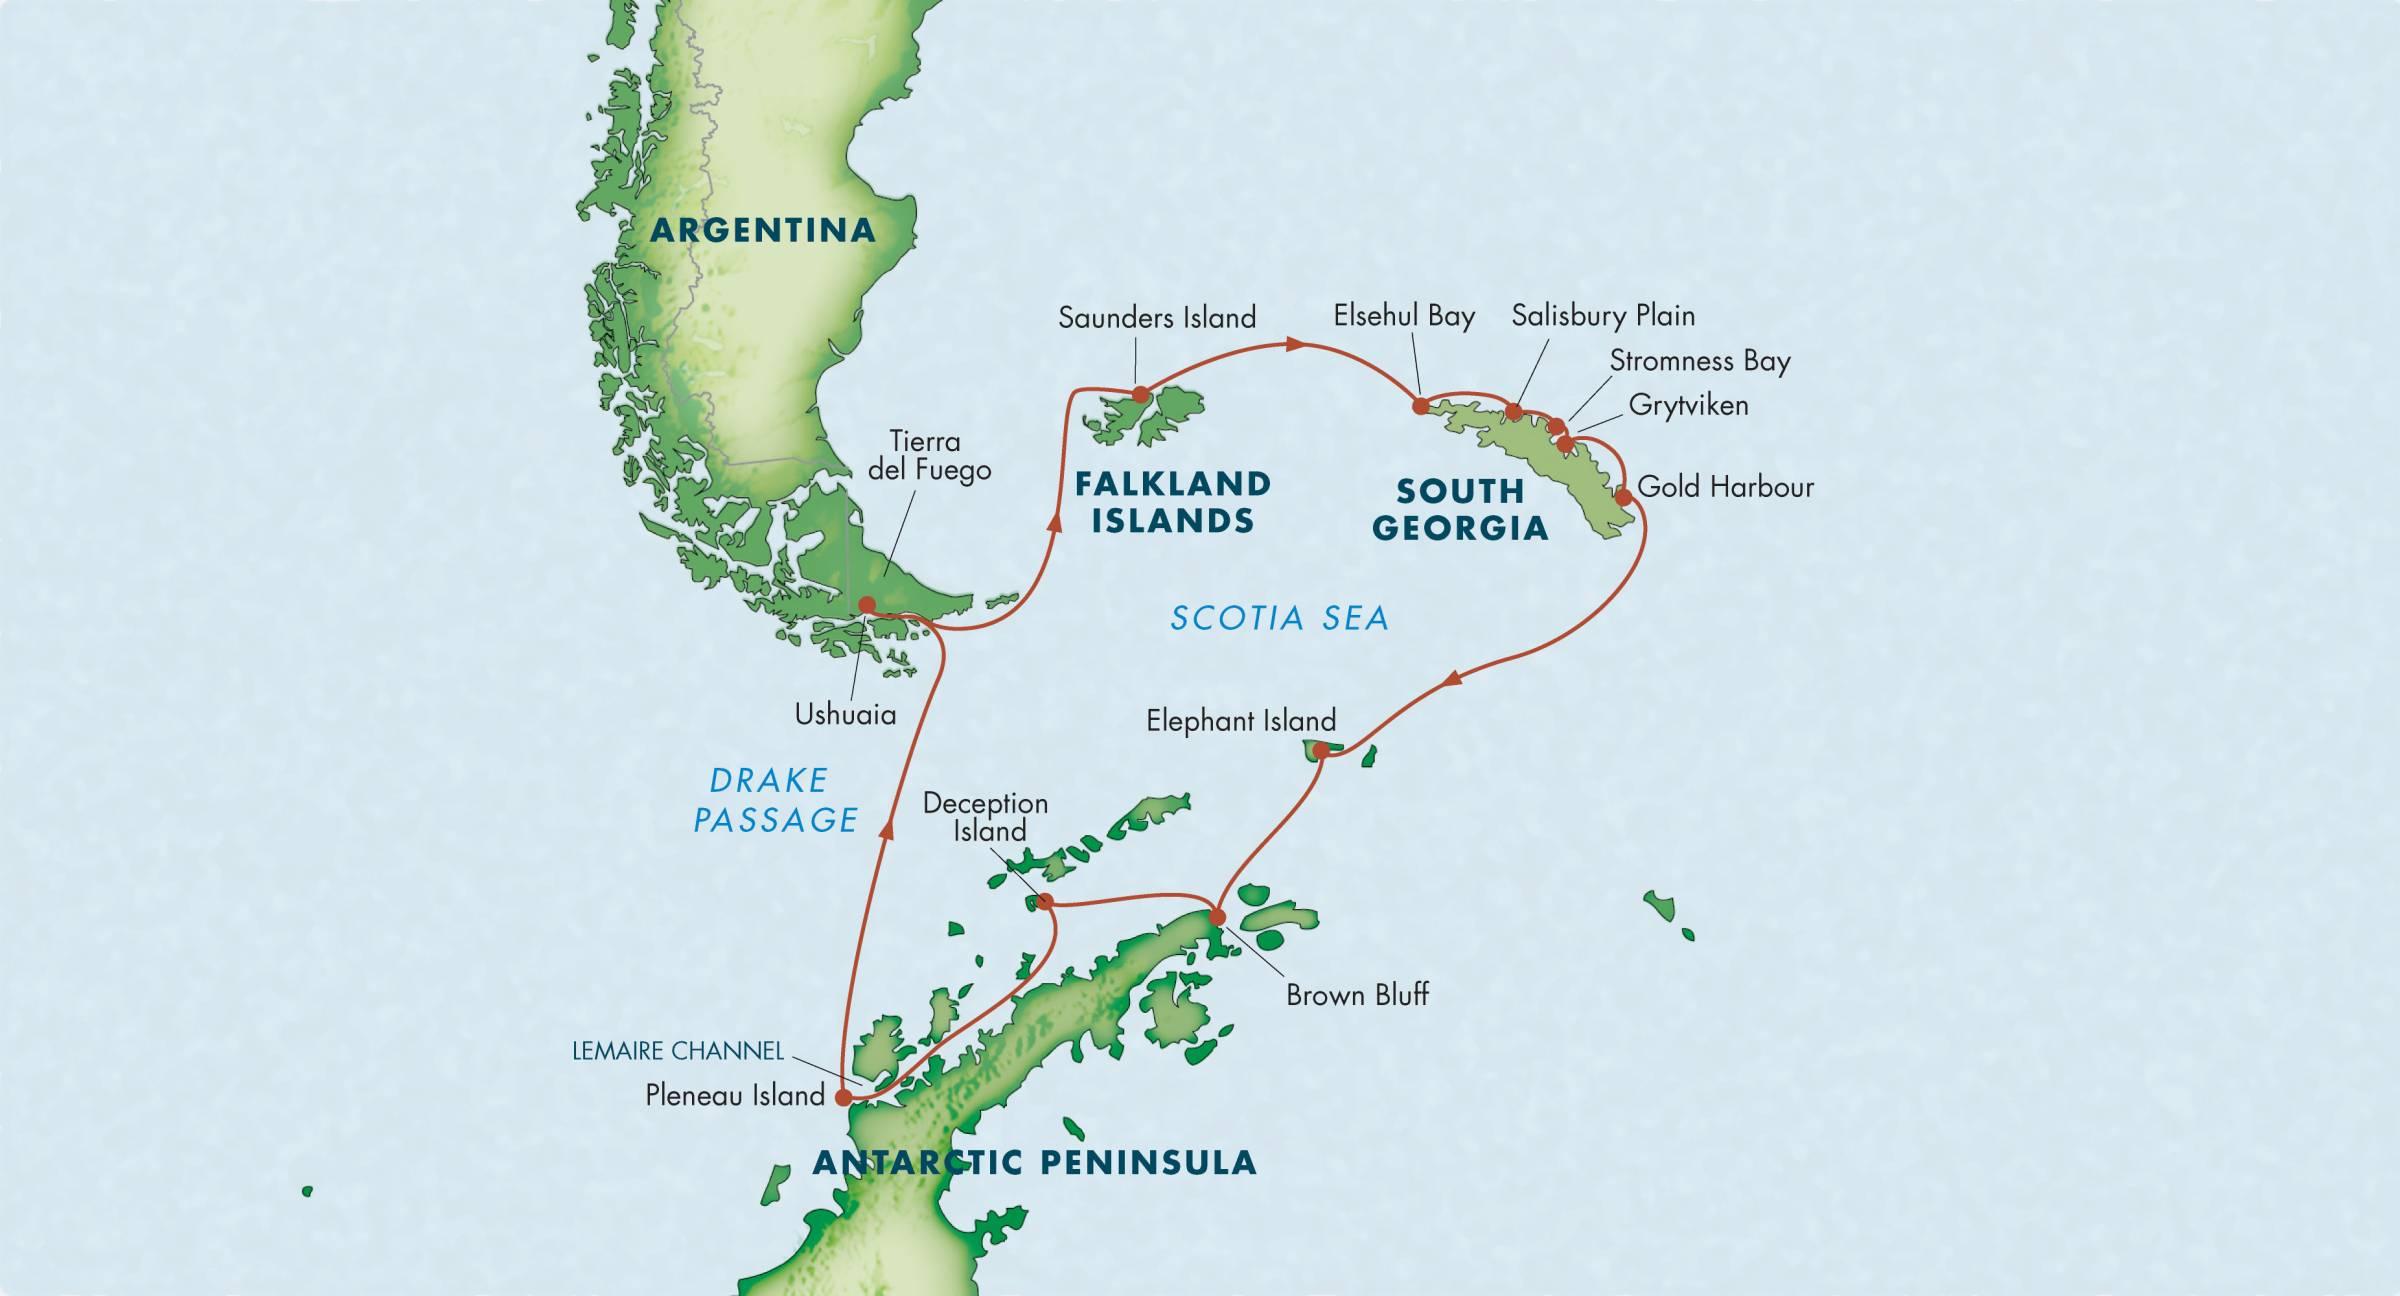 Map for Antarctica, South Georgia & the Falkland Islands